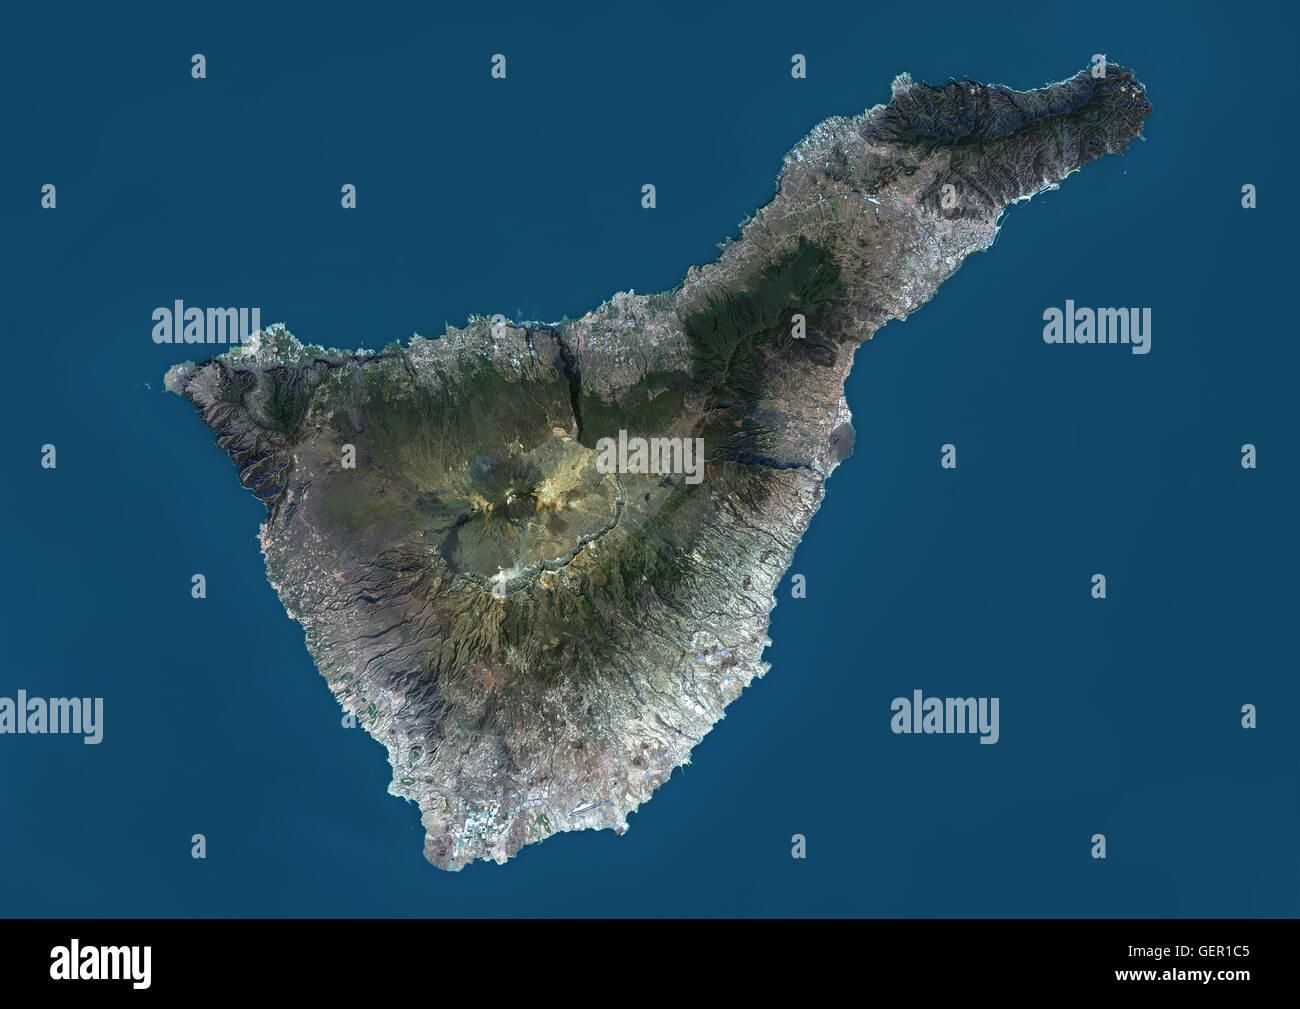 Spagna E Isole Canarie Cartina Geografica.Vista Satellitare Di Tenerife Isole Canarie Spagna E La Piu Grande E La Piu Popolata Isola Delle Sette Isole Canarie Vulcano Monte Teide Al Centro E Il Punto Piu Alto Di Spagna